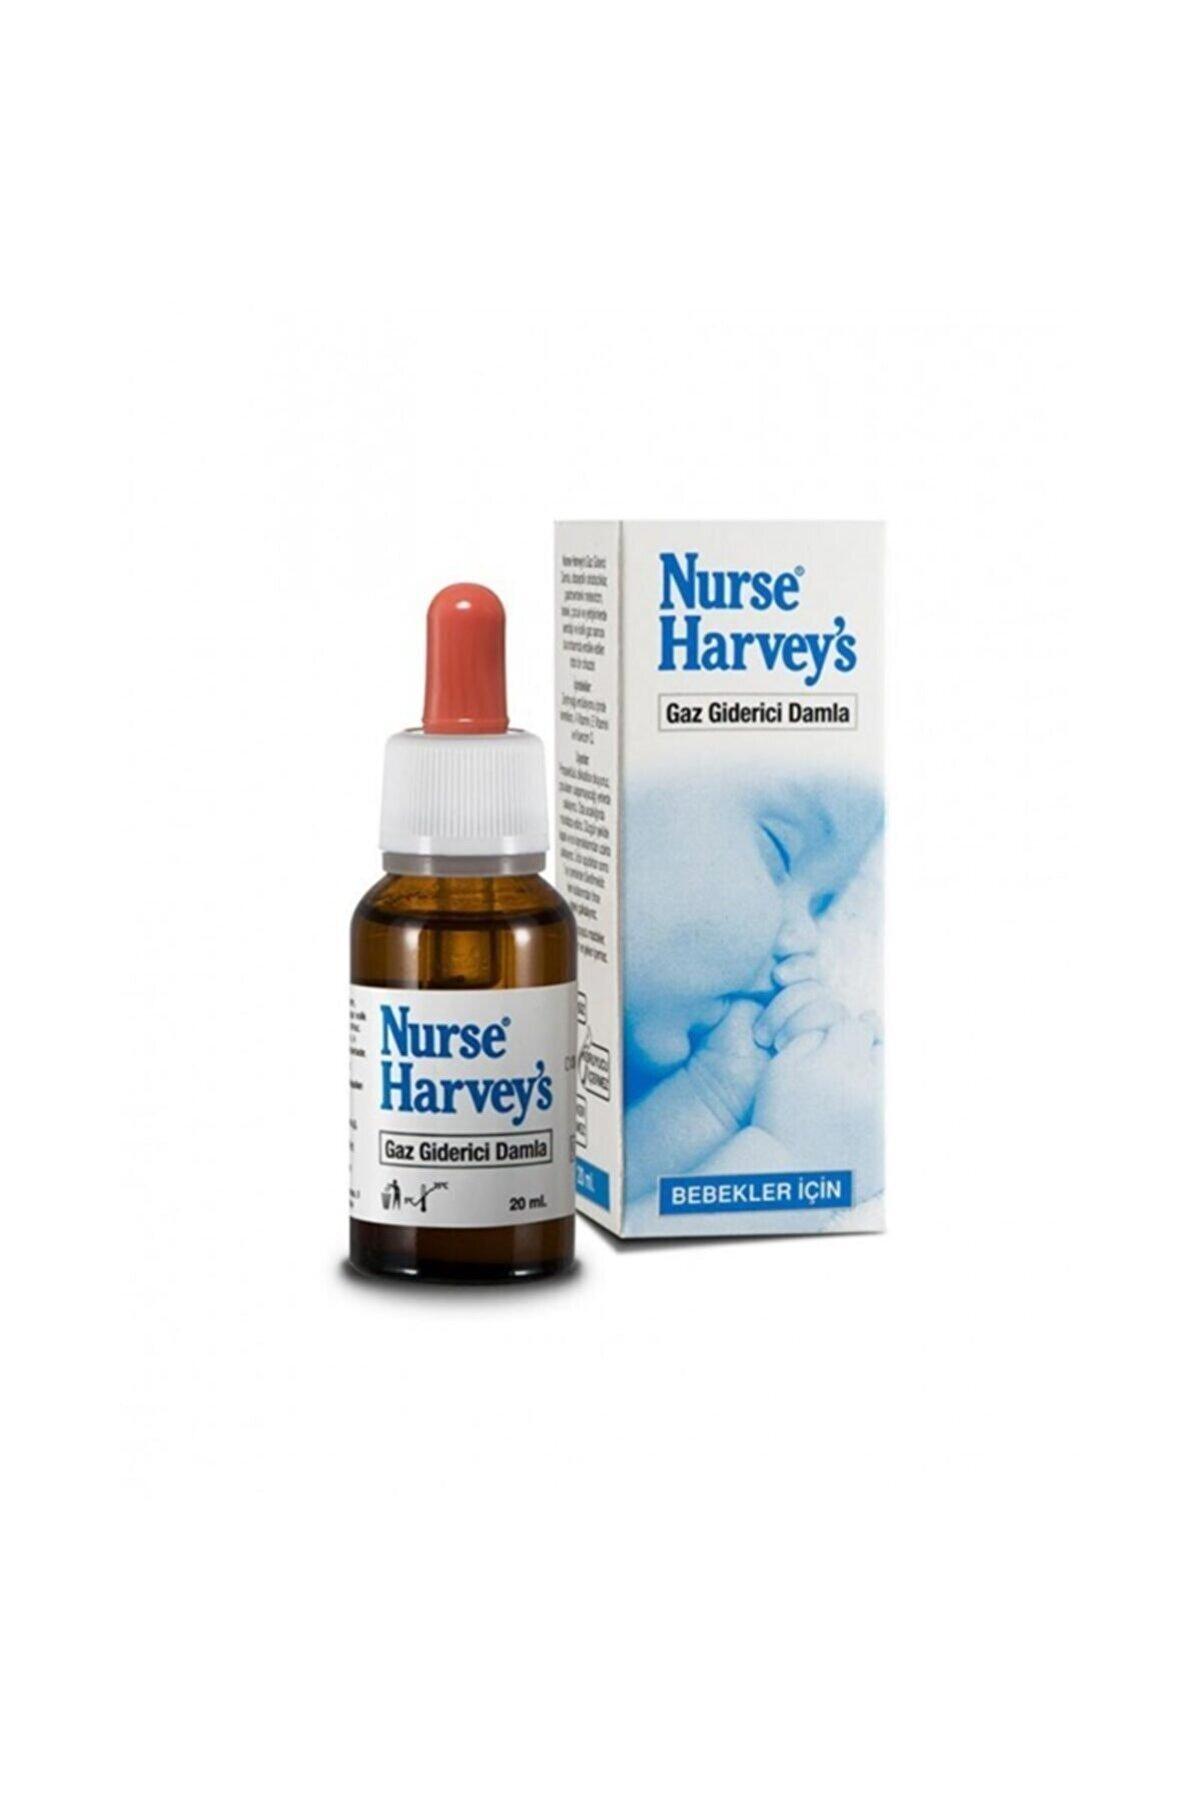 Nurse Harvey's Gaz Giderici Damla 20ml